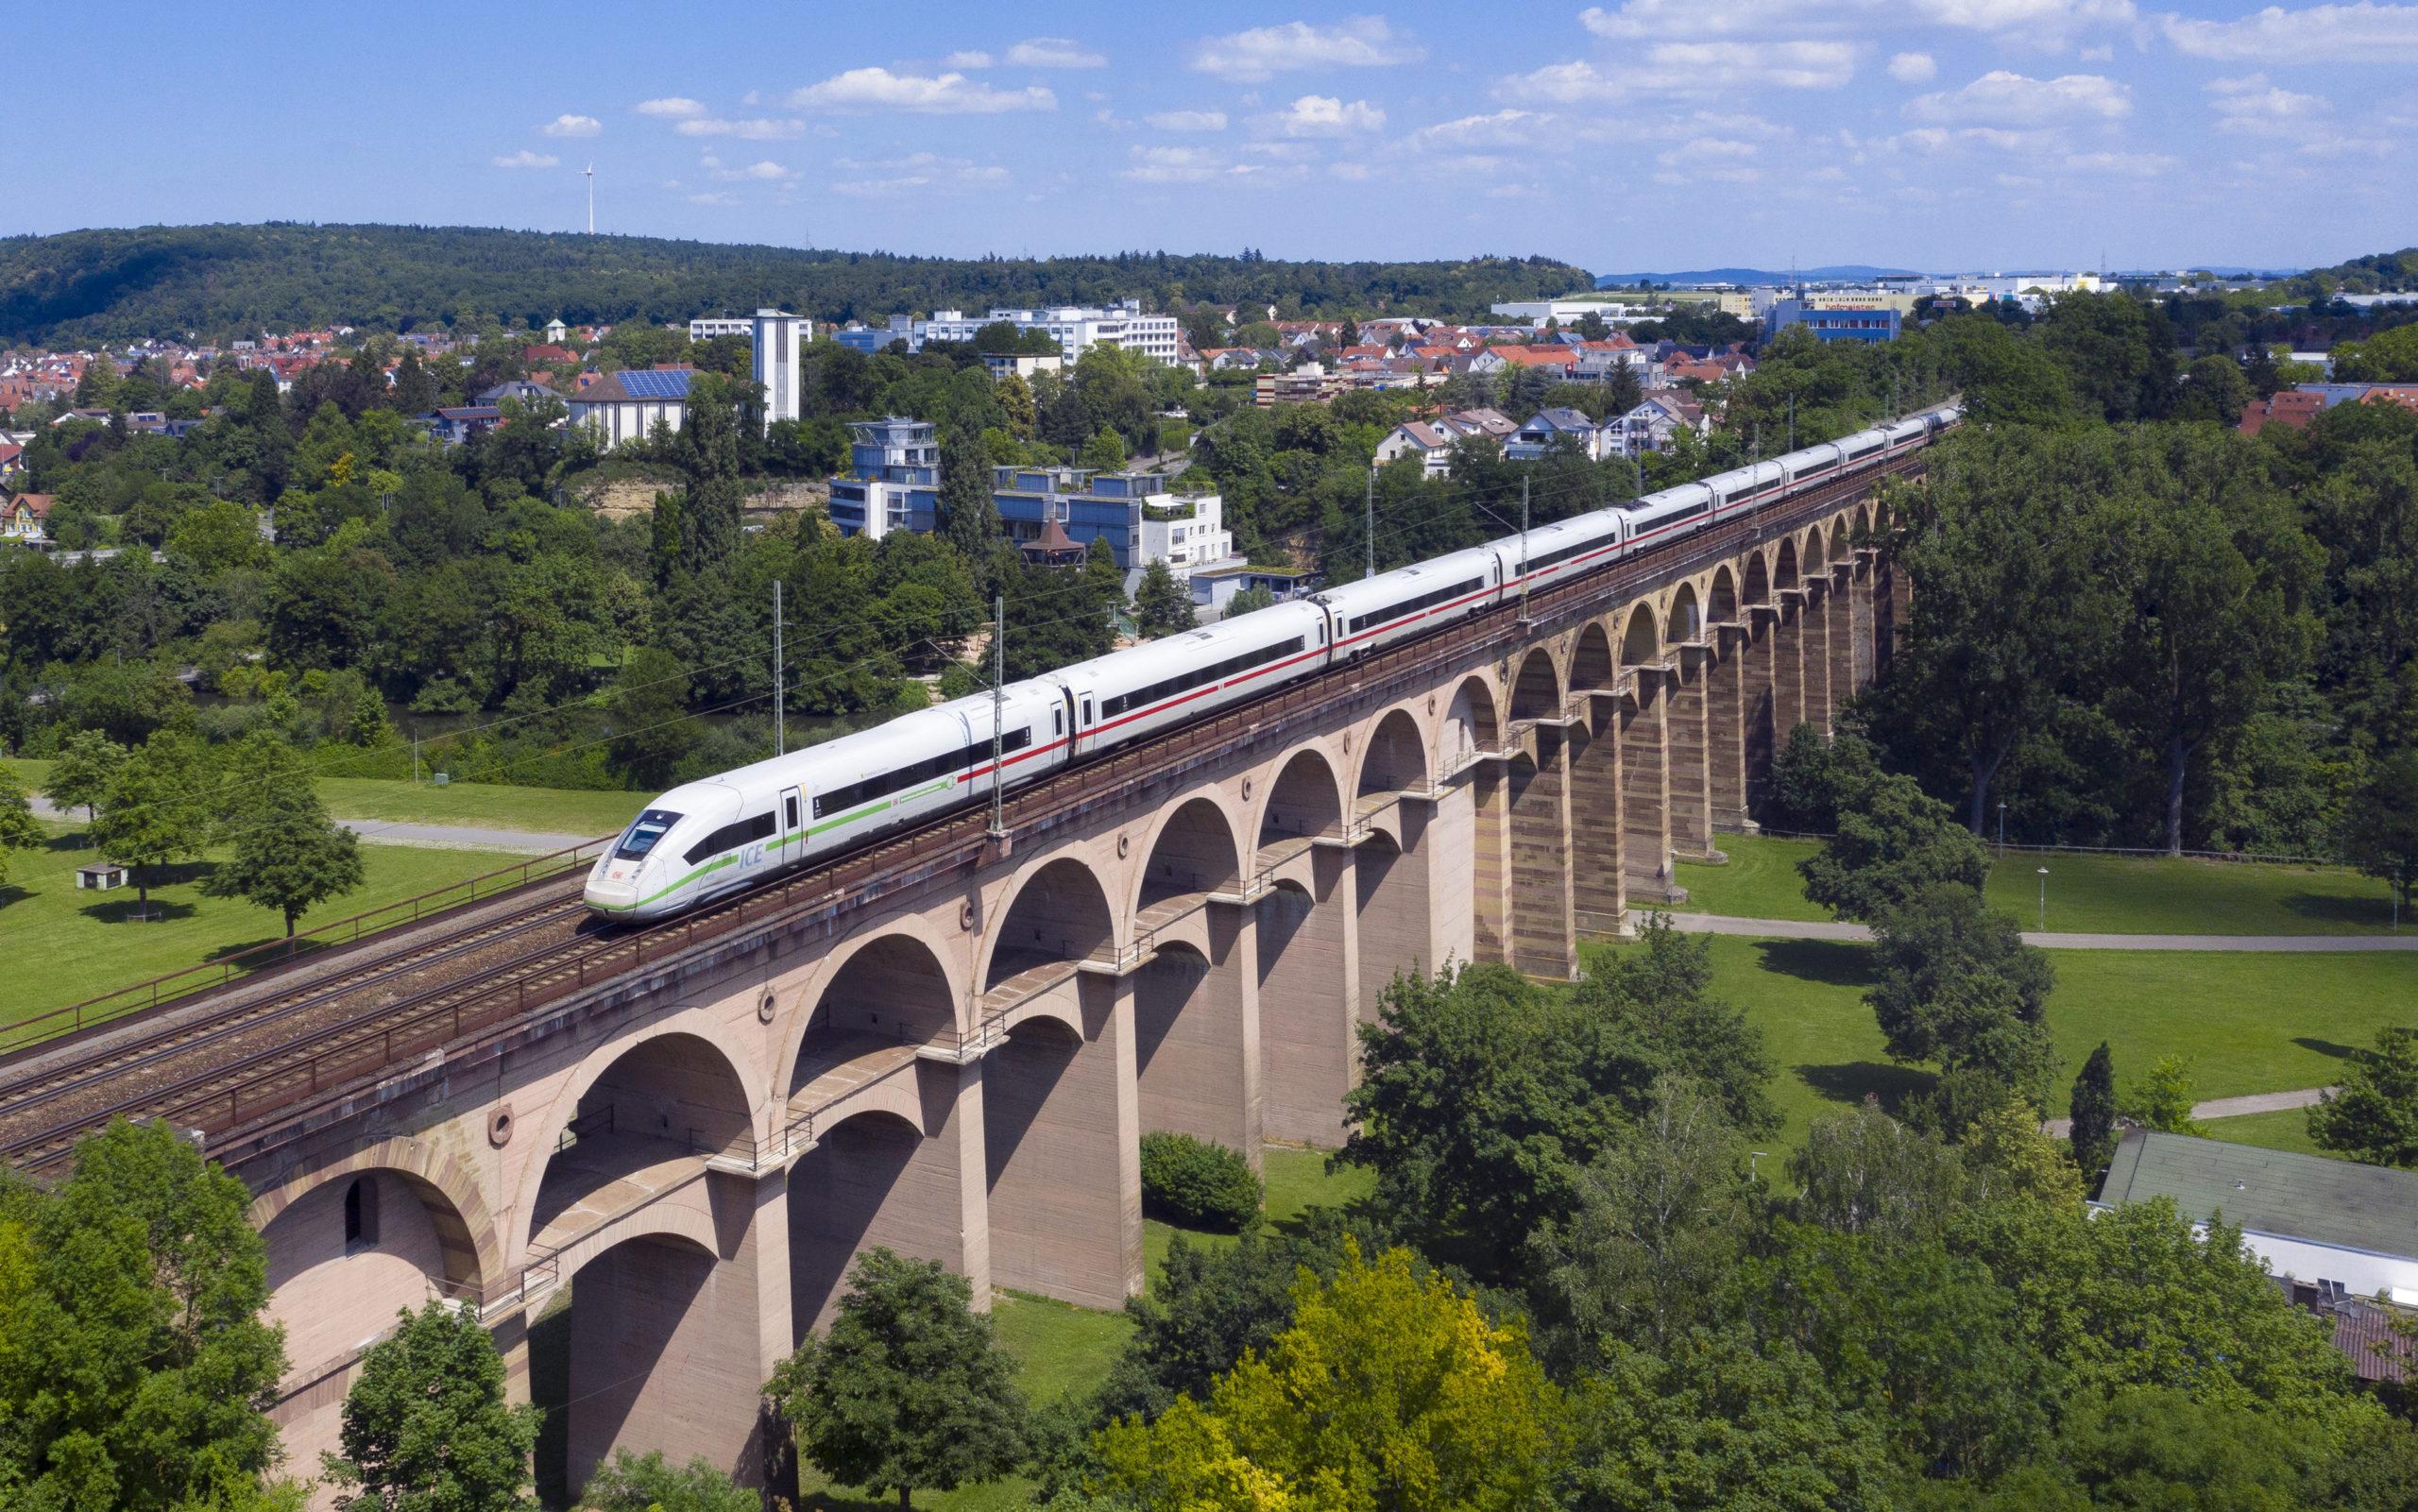 Ein ICE 4 auf dem Bietigheimer Eisenbahnviadukt